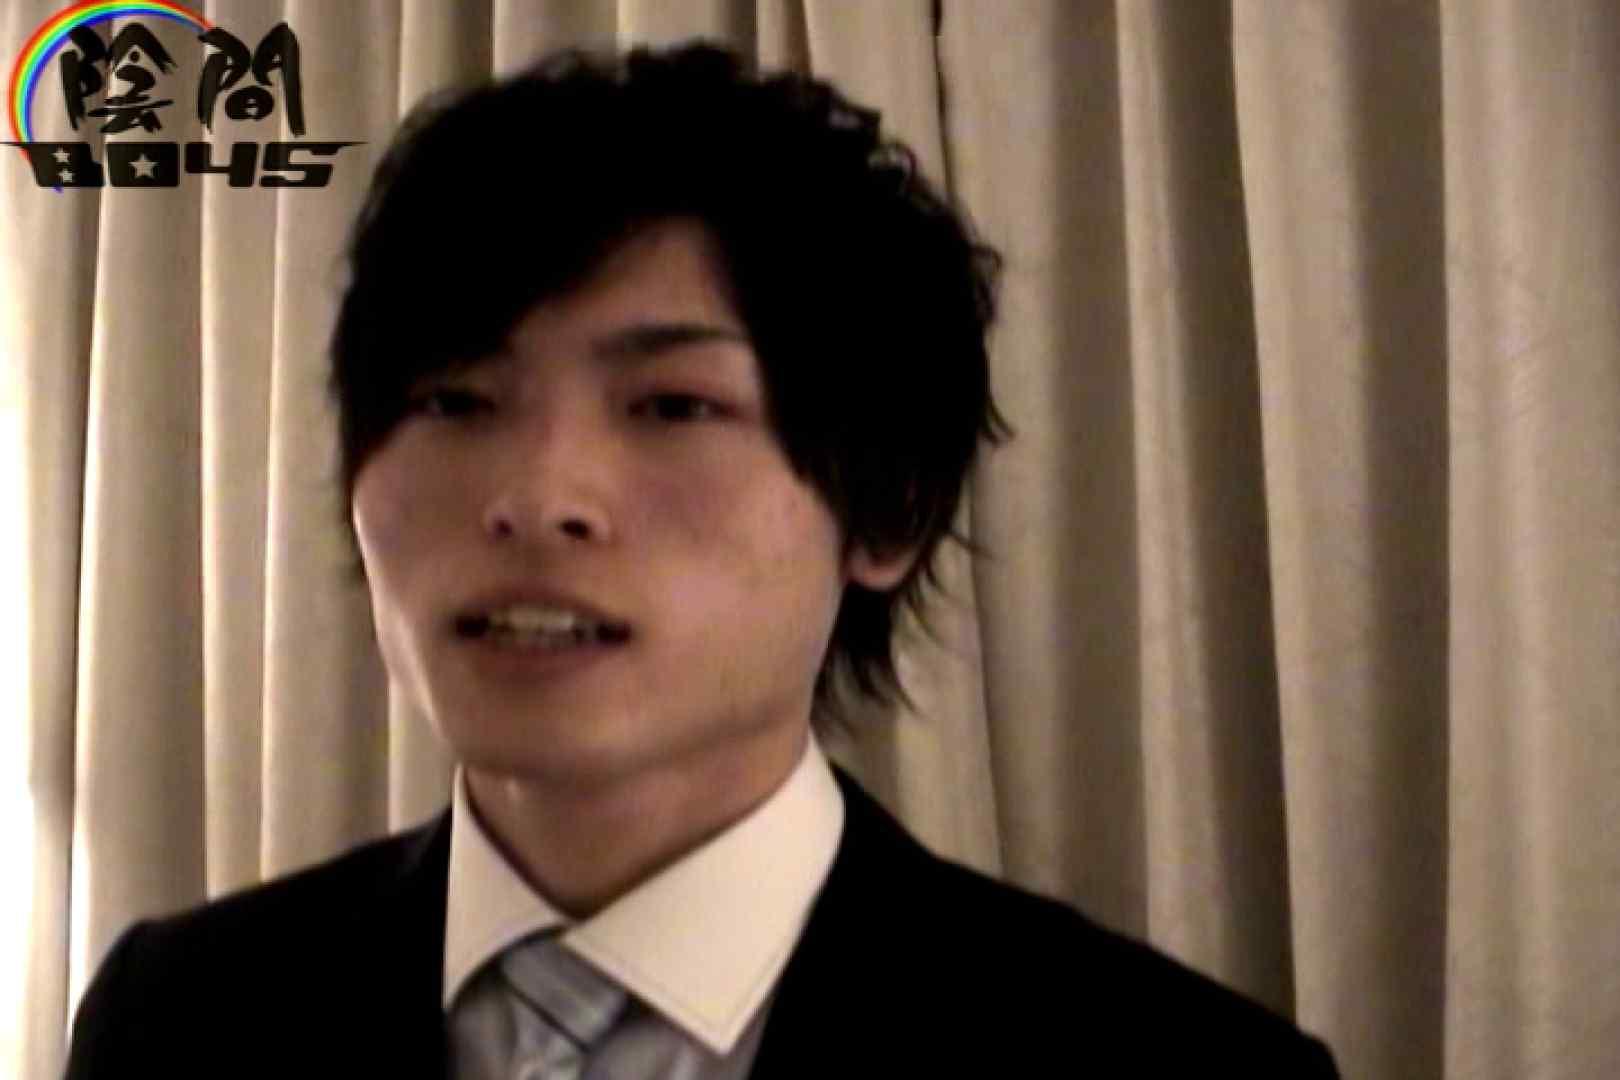 陰間BOYS~IKEMEN Interview~01  男の大学生 | 学生  13枚 7